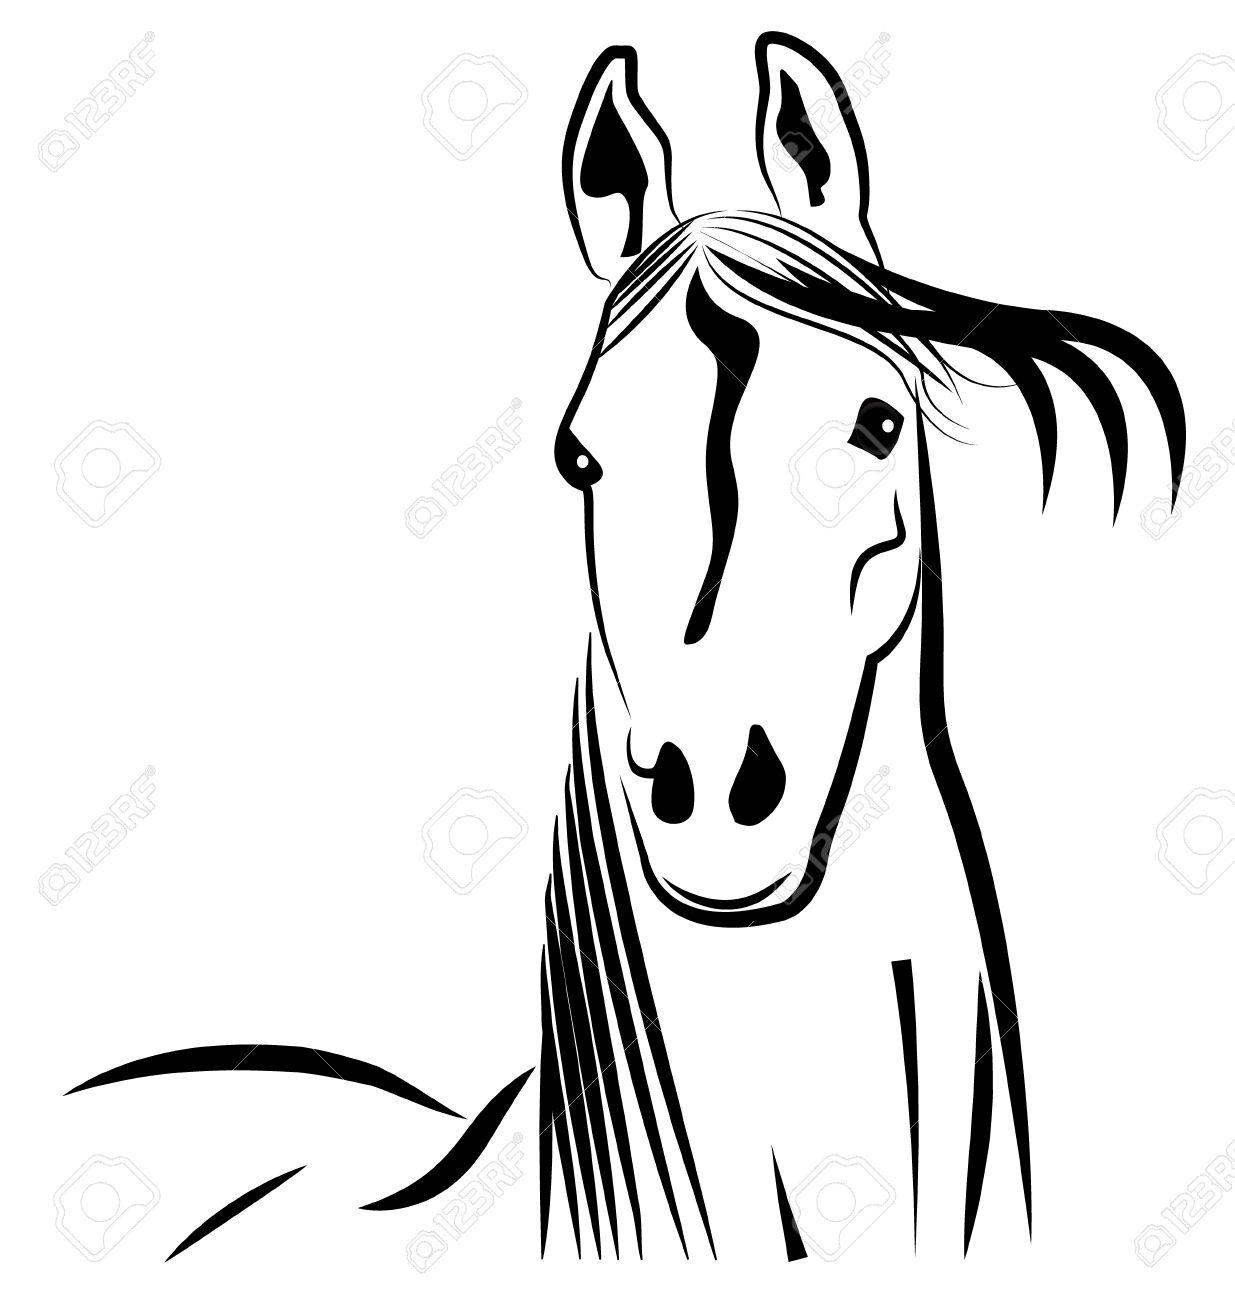 Pferdekopf Stilisierten Porträt Symbol Vektor Lizenzfrei Nutzbare ...